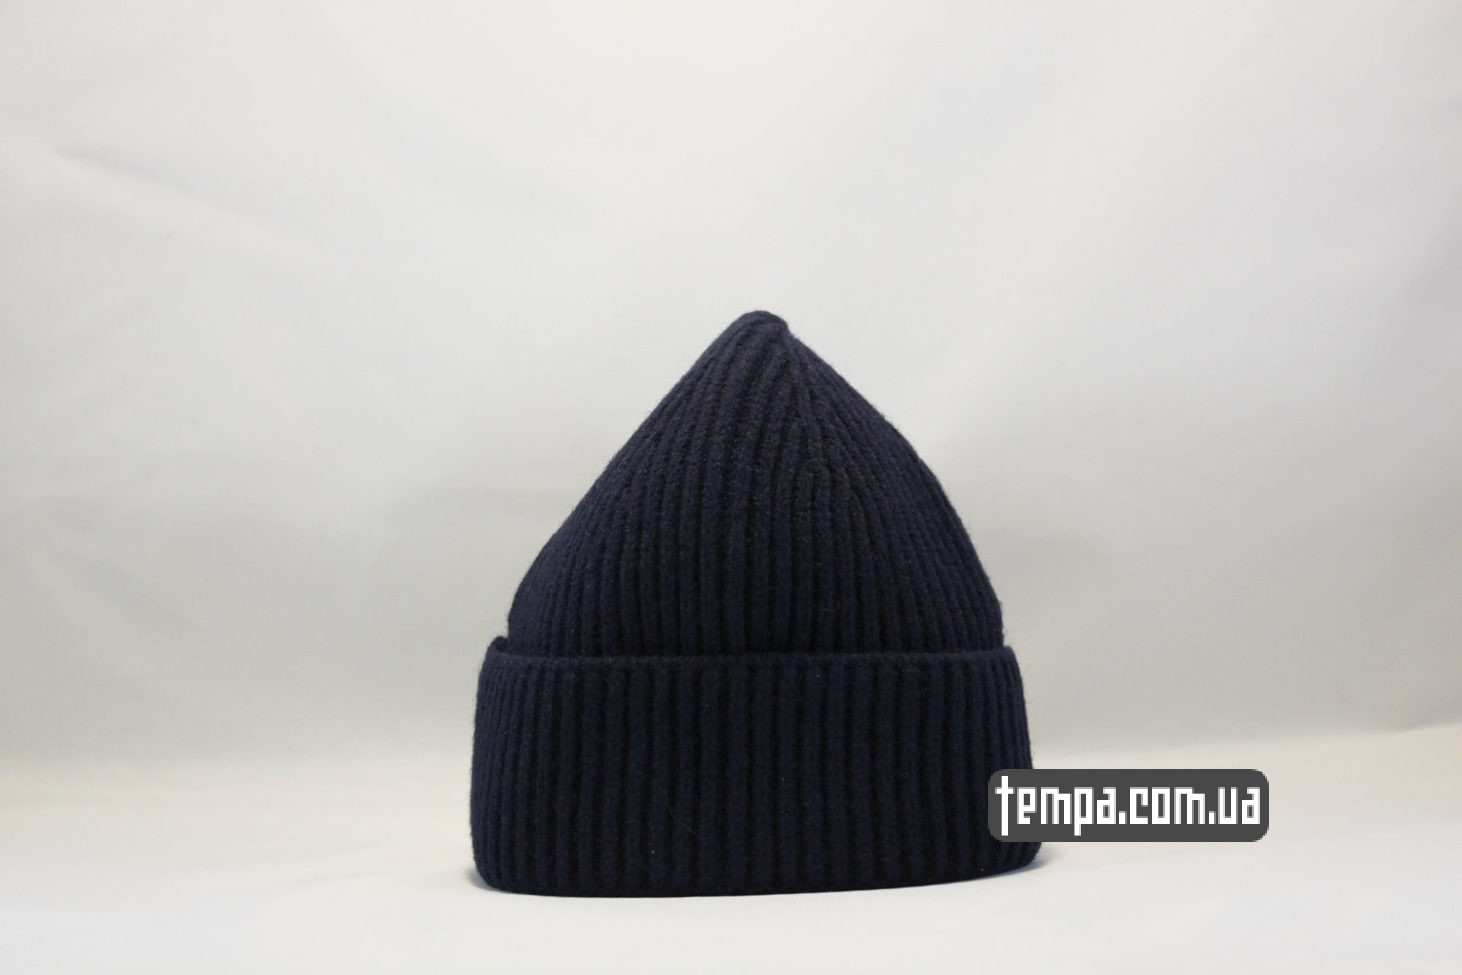 мантик одежда где купить шапка beanie Carhartt Blue синяя магазин купить